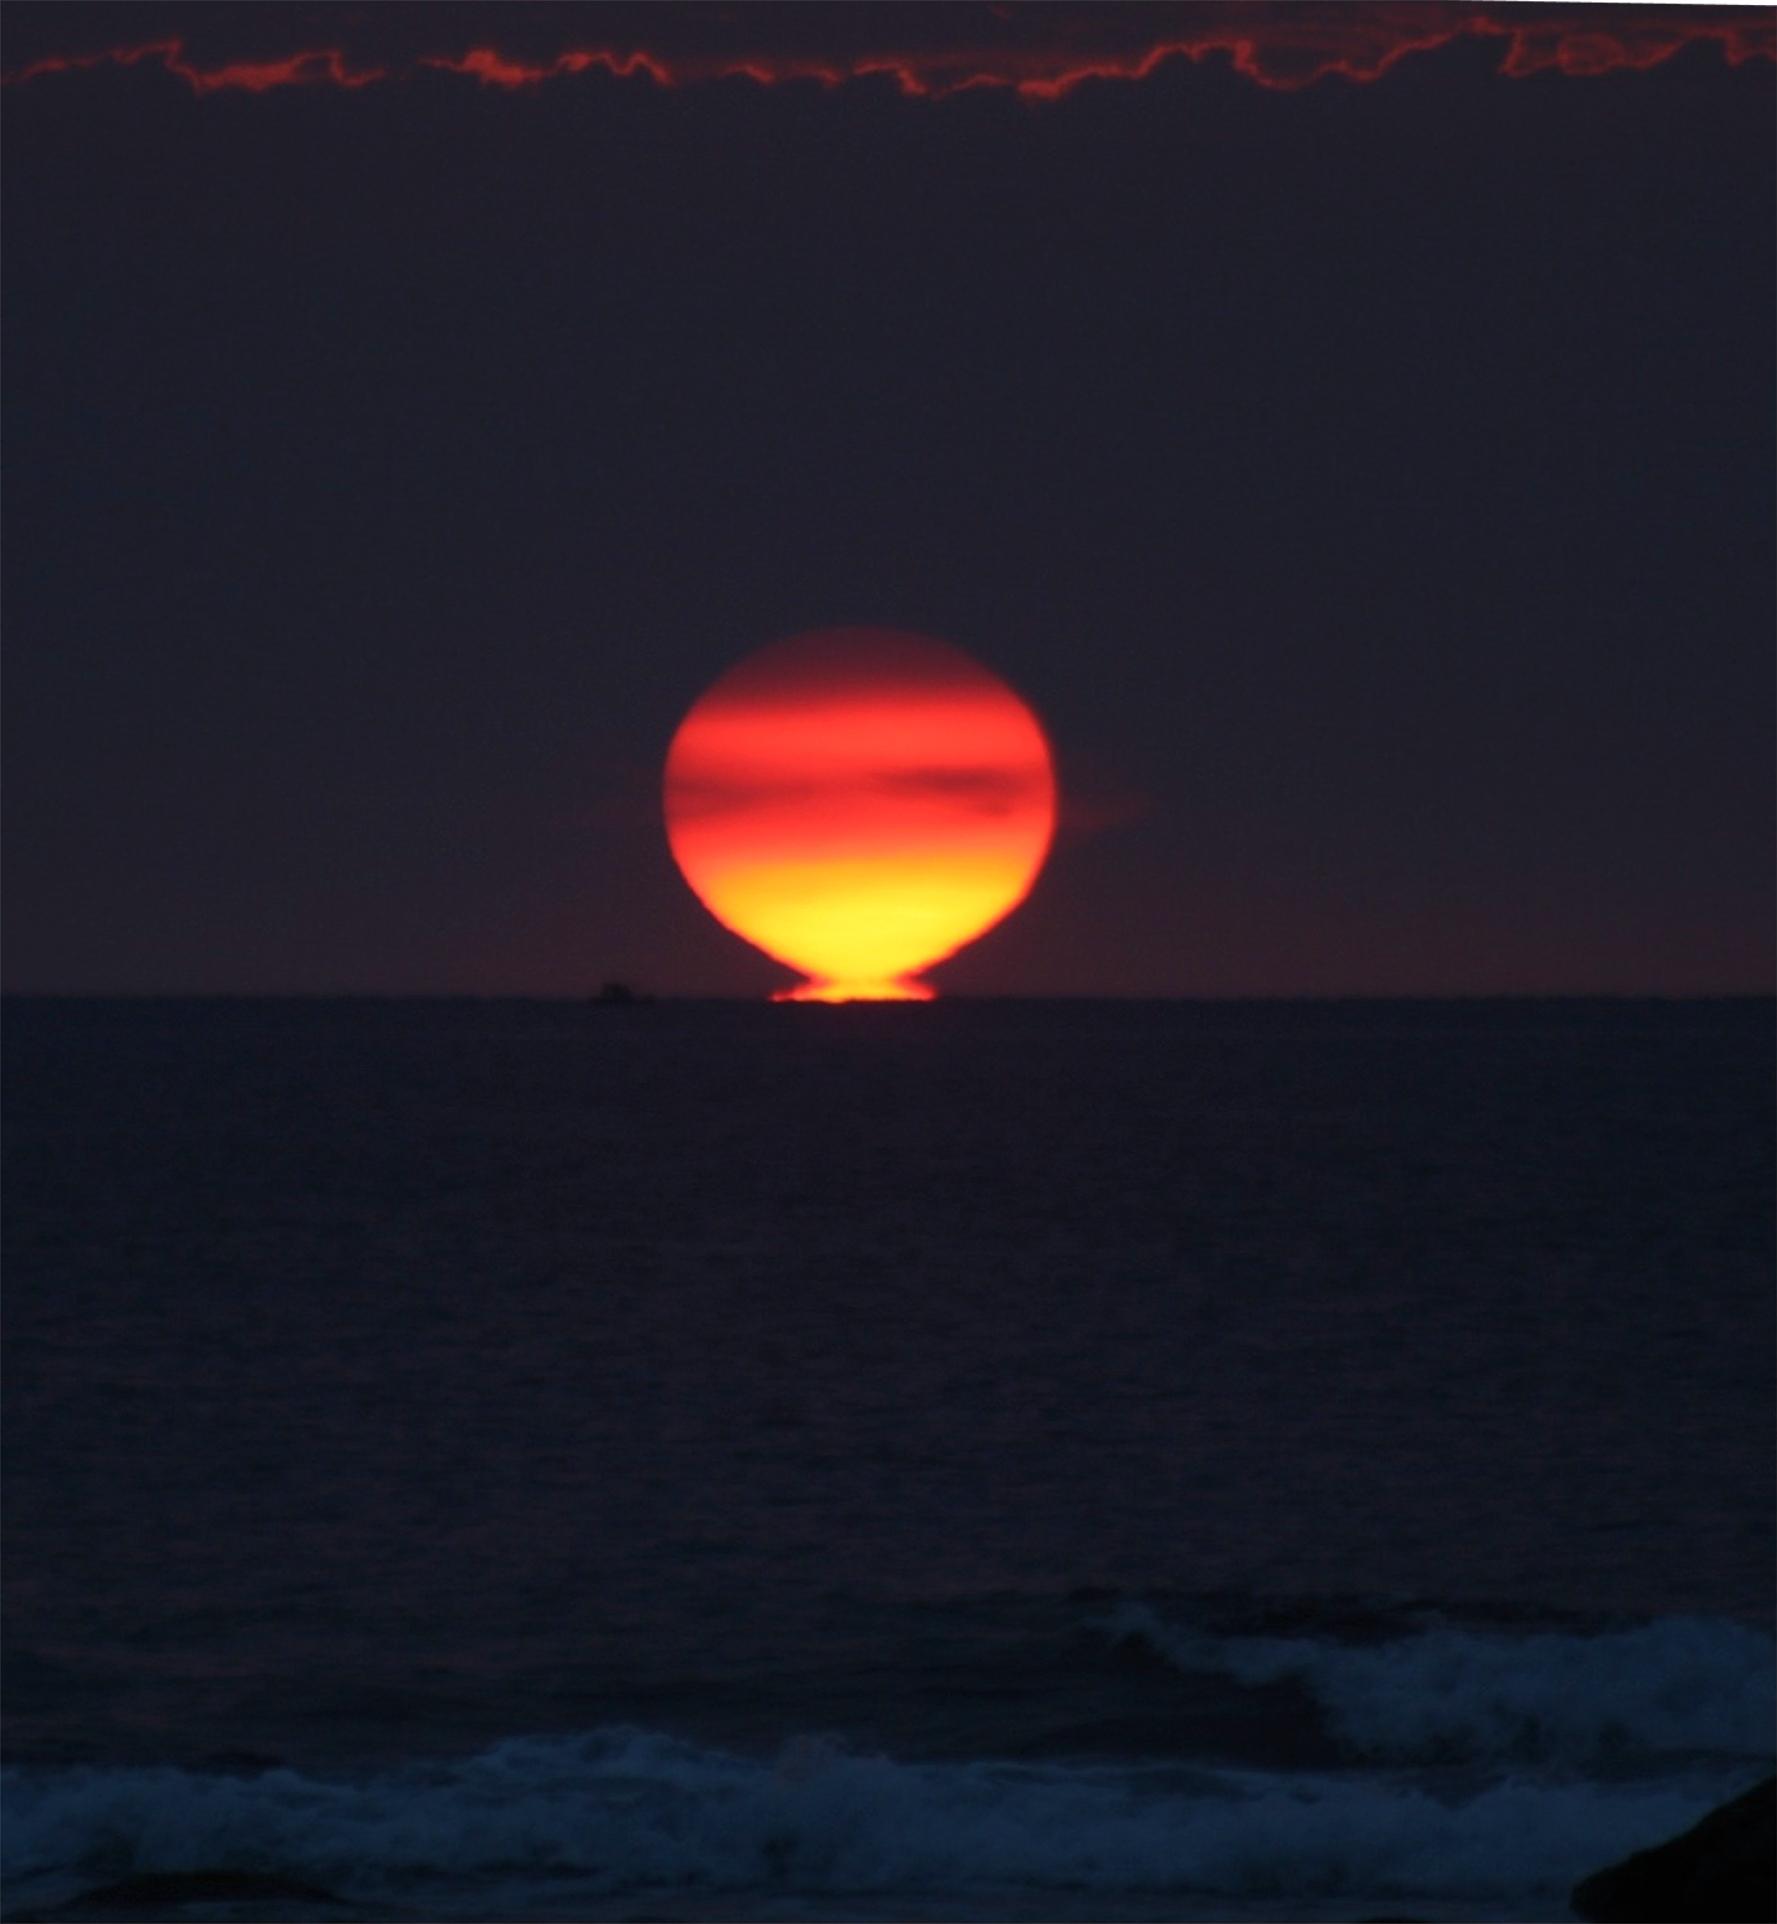 astronomy sunrise sunset - photo #4